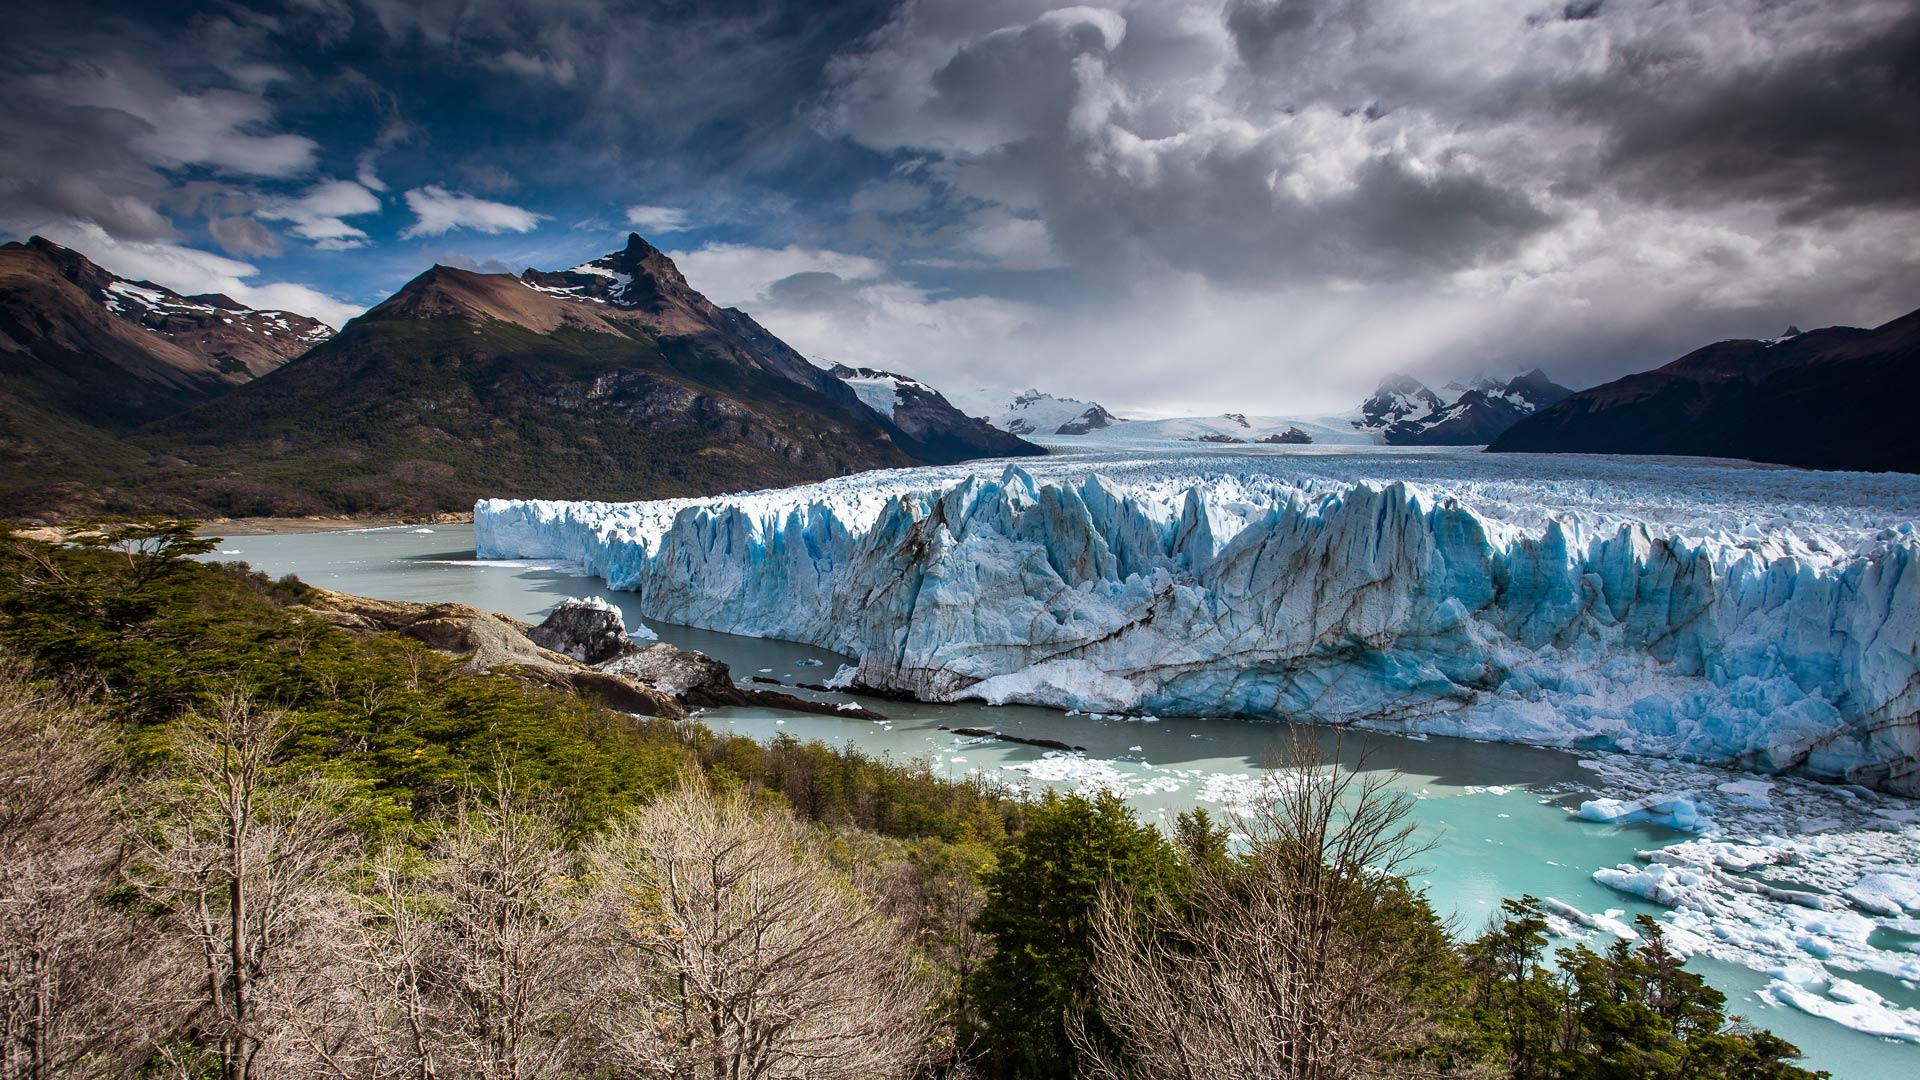 How To Change Lock Screen In Windows - Perito Moreno Glacier - HD Wallpaper